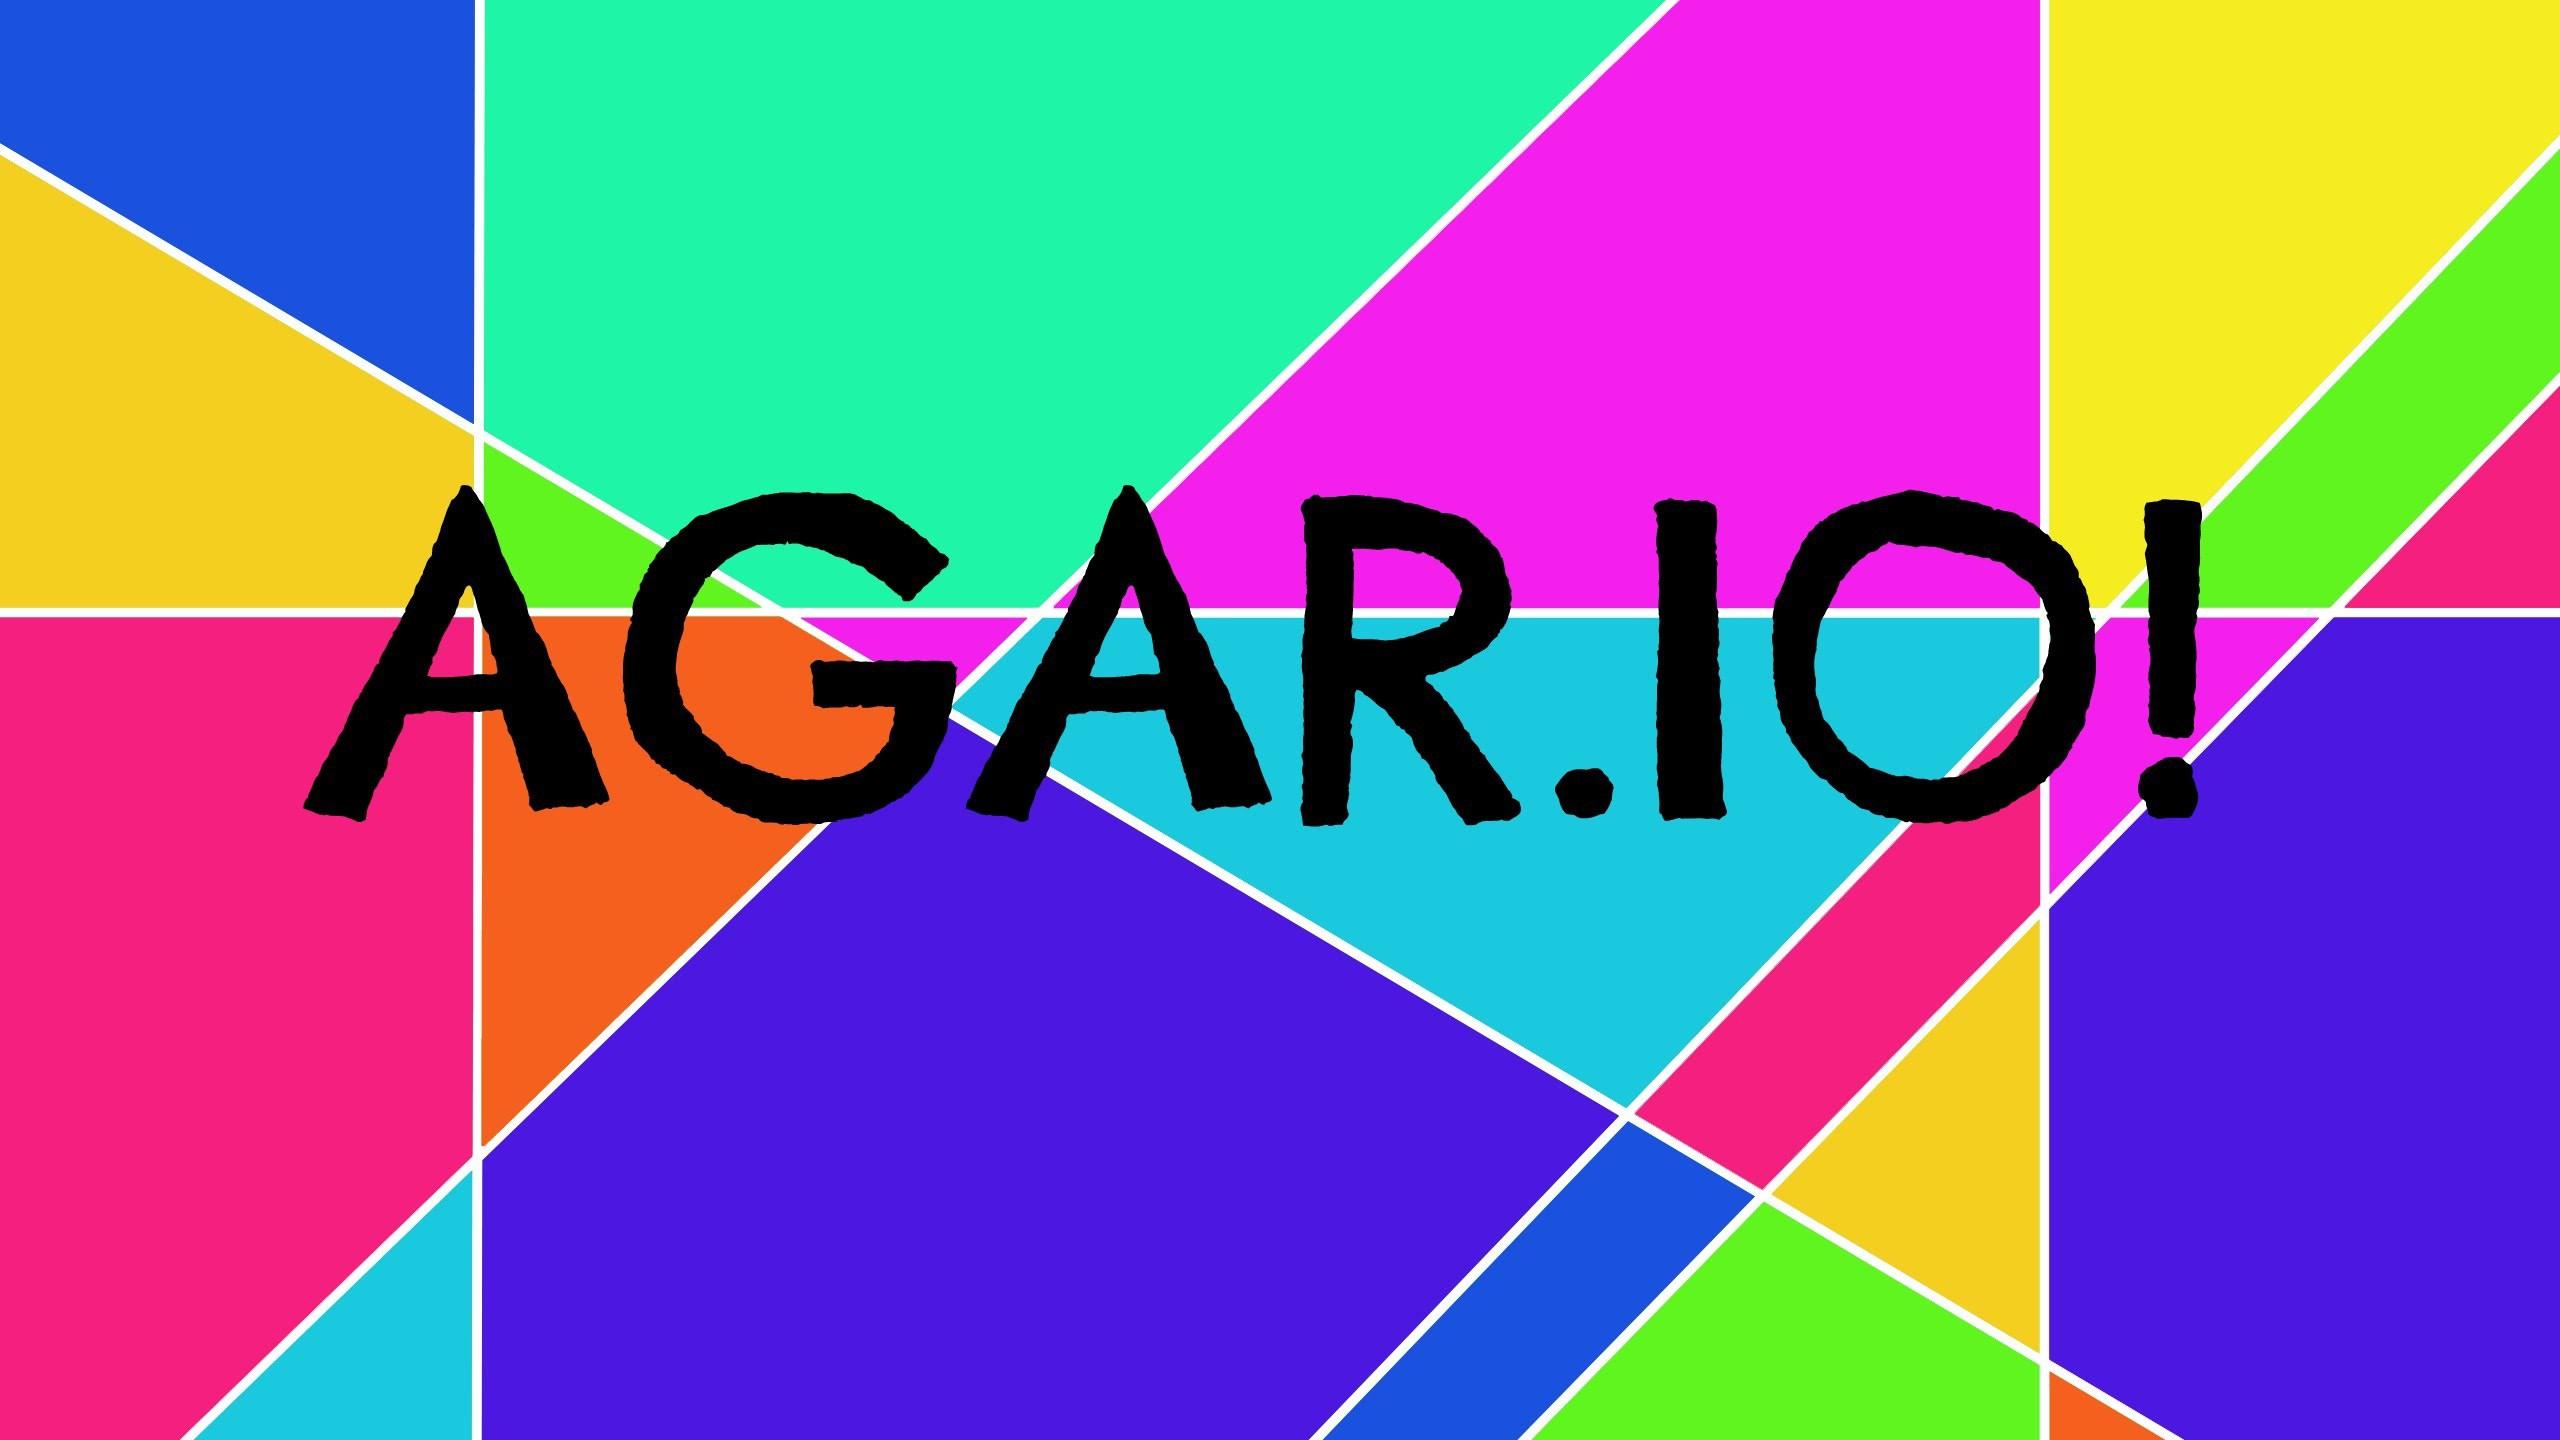 Agar.io Images